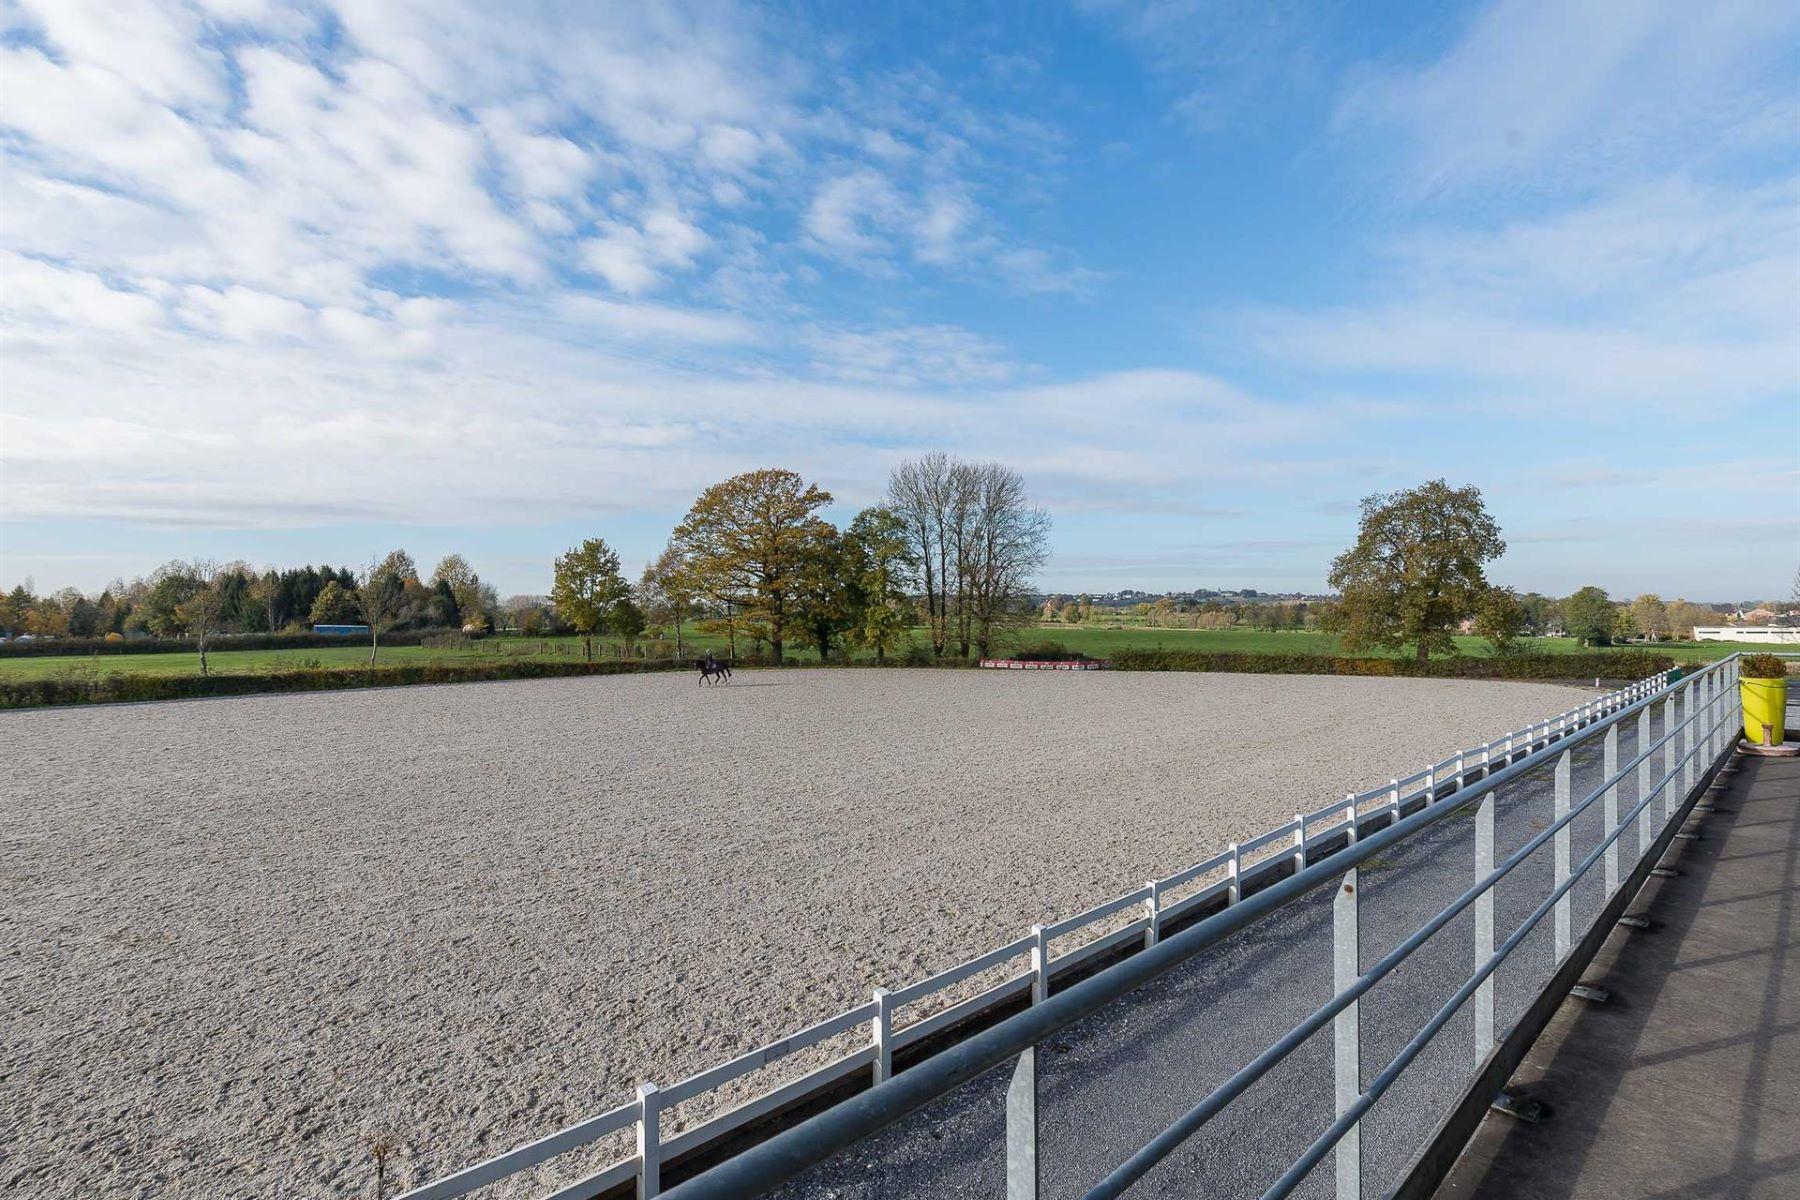 农场 / 牧场 / 种植园 为 销售 在 Liège I Equestrian Property Welkenraedt, Liege 4840 比利时